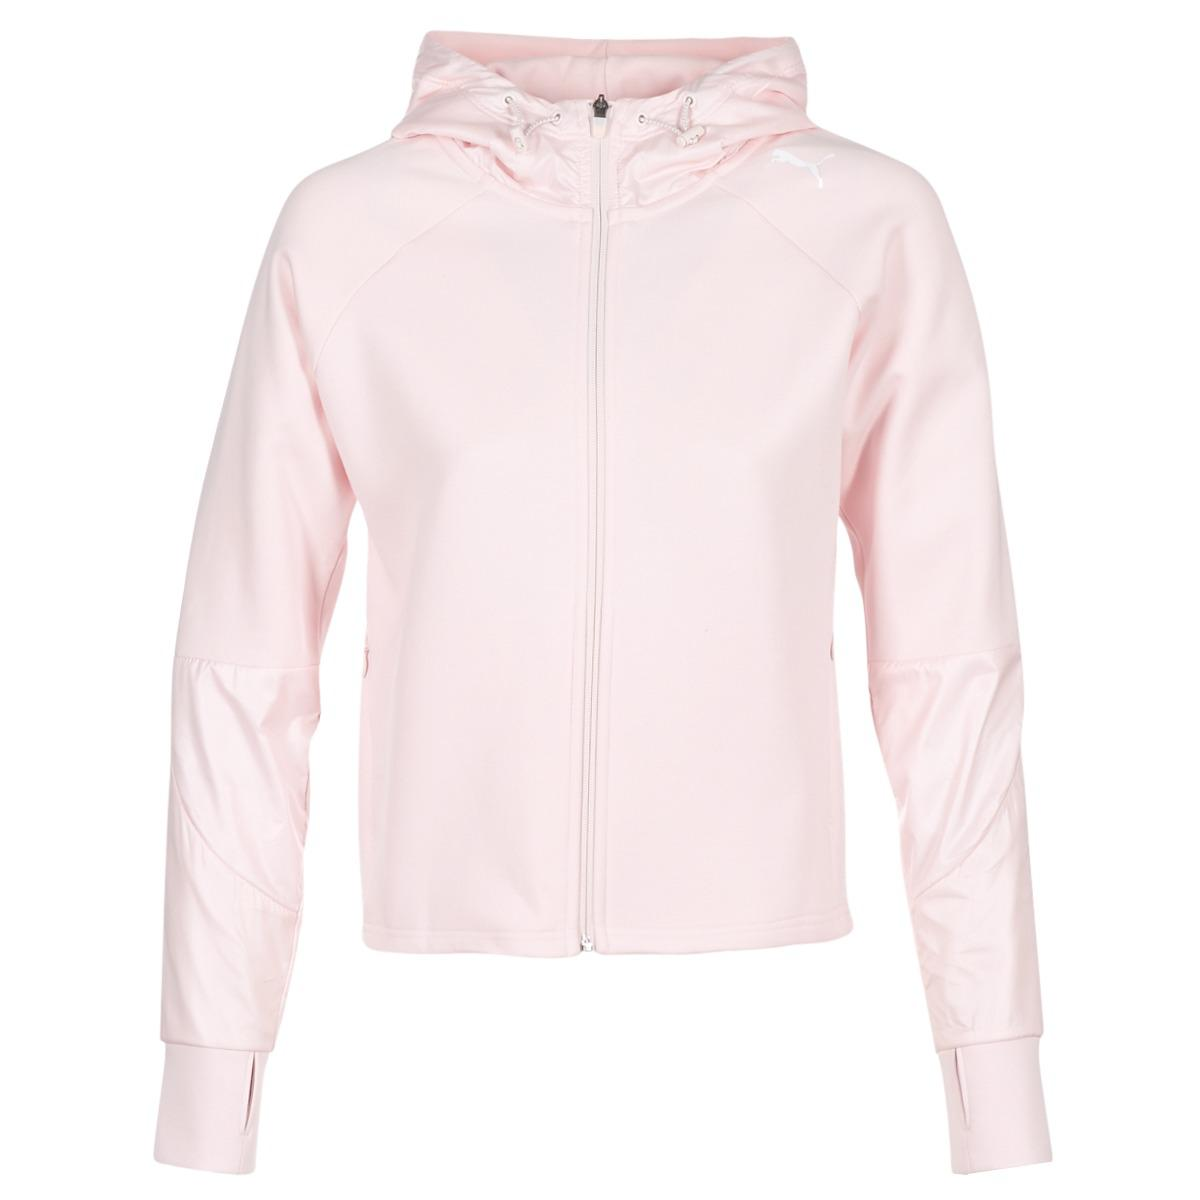 439e9e1424 PUMA Evostripe Fz Jacket Women's Sweatshirt In Pink - Lyst